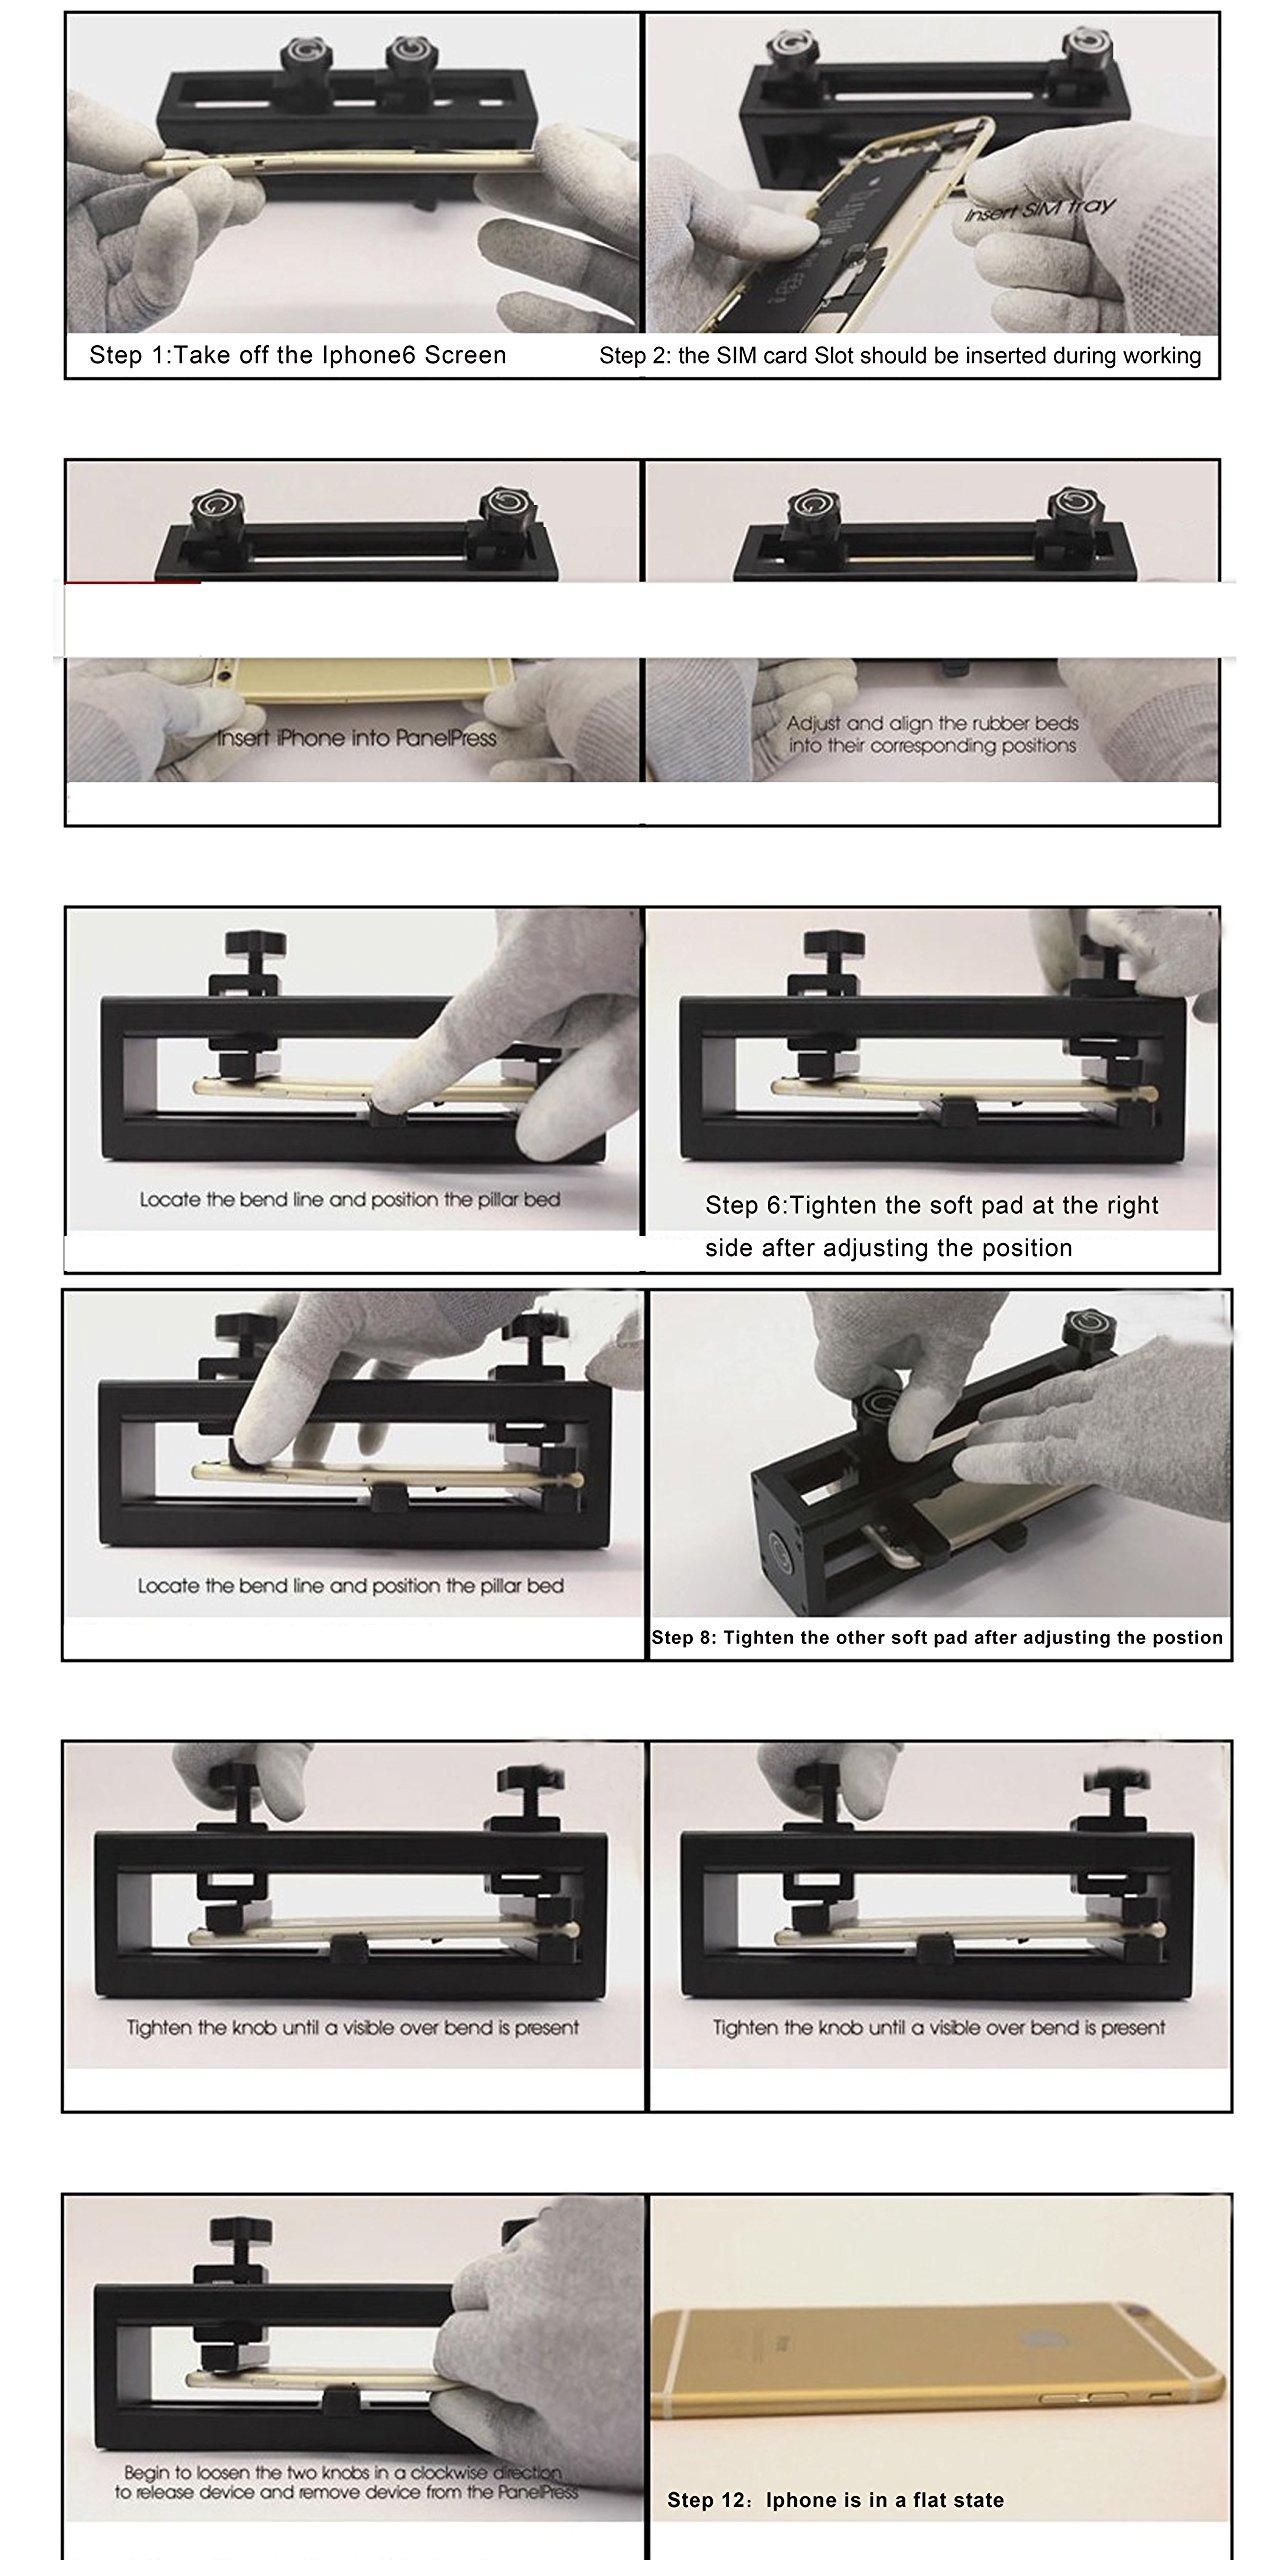 YaeTek Corner Sidewall Frame Bending Repair tool for iphone7, 7 plus, 6, 6 plus,6s, 6s plus,5,5s by YaeTek (Image #9)